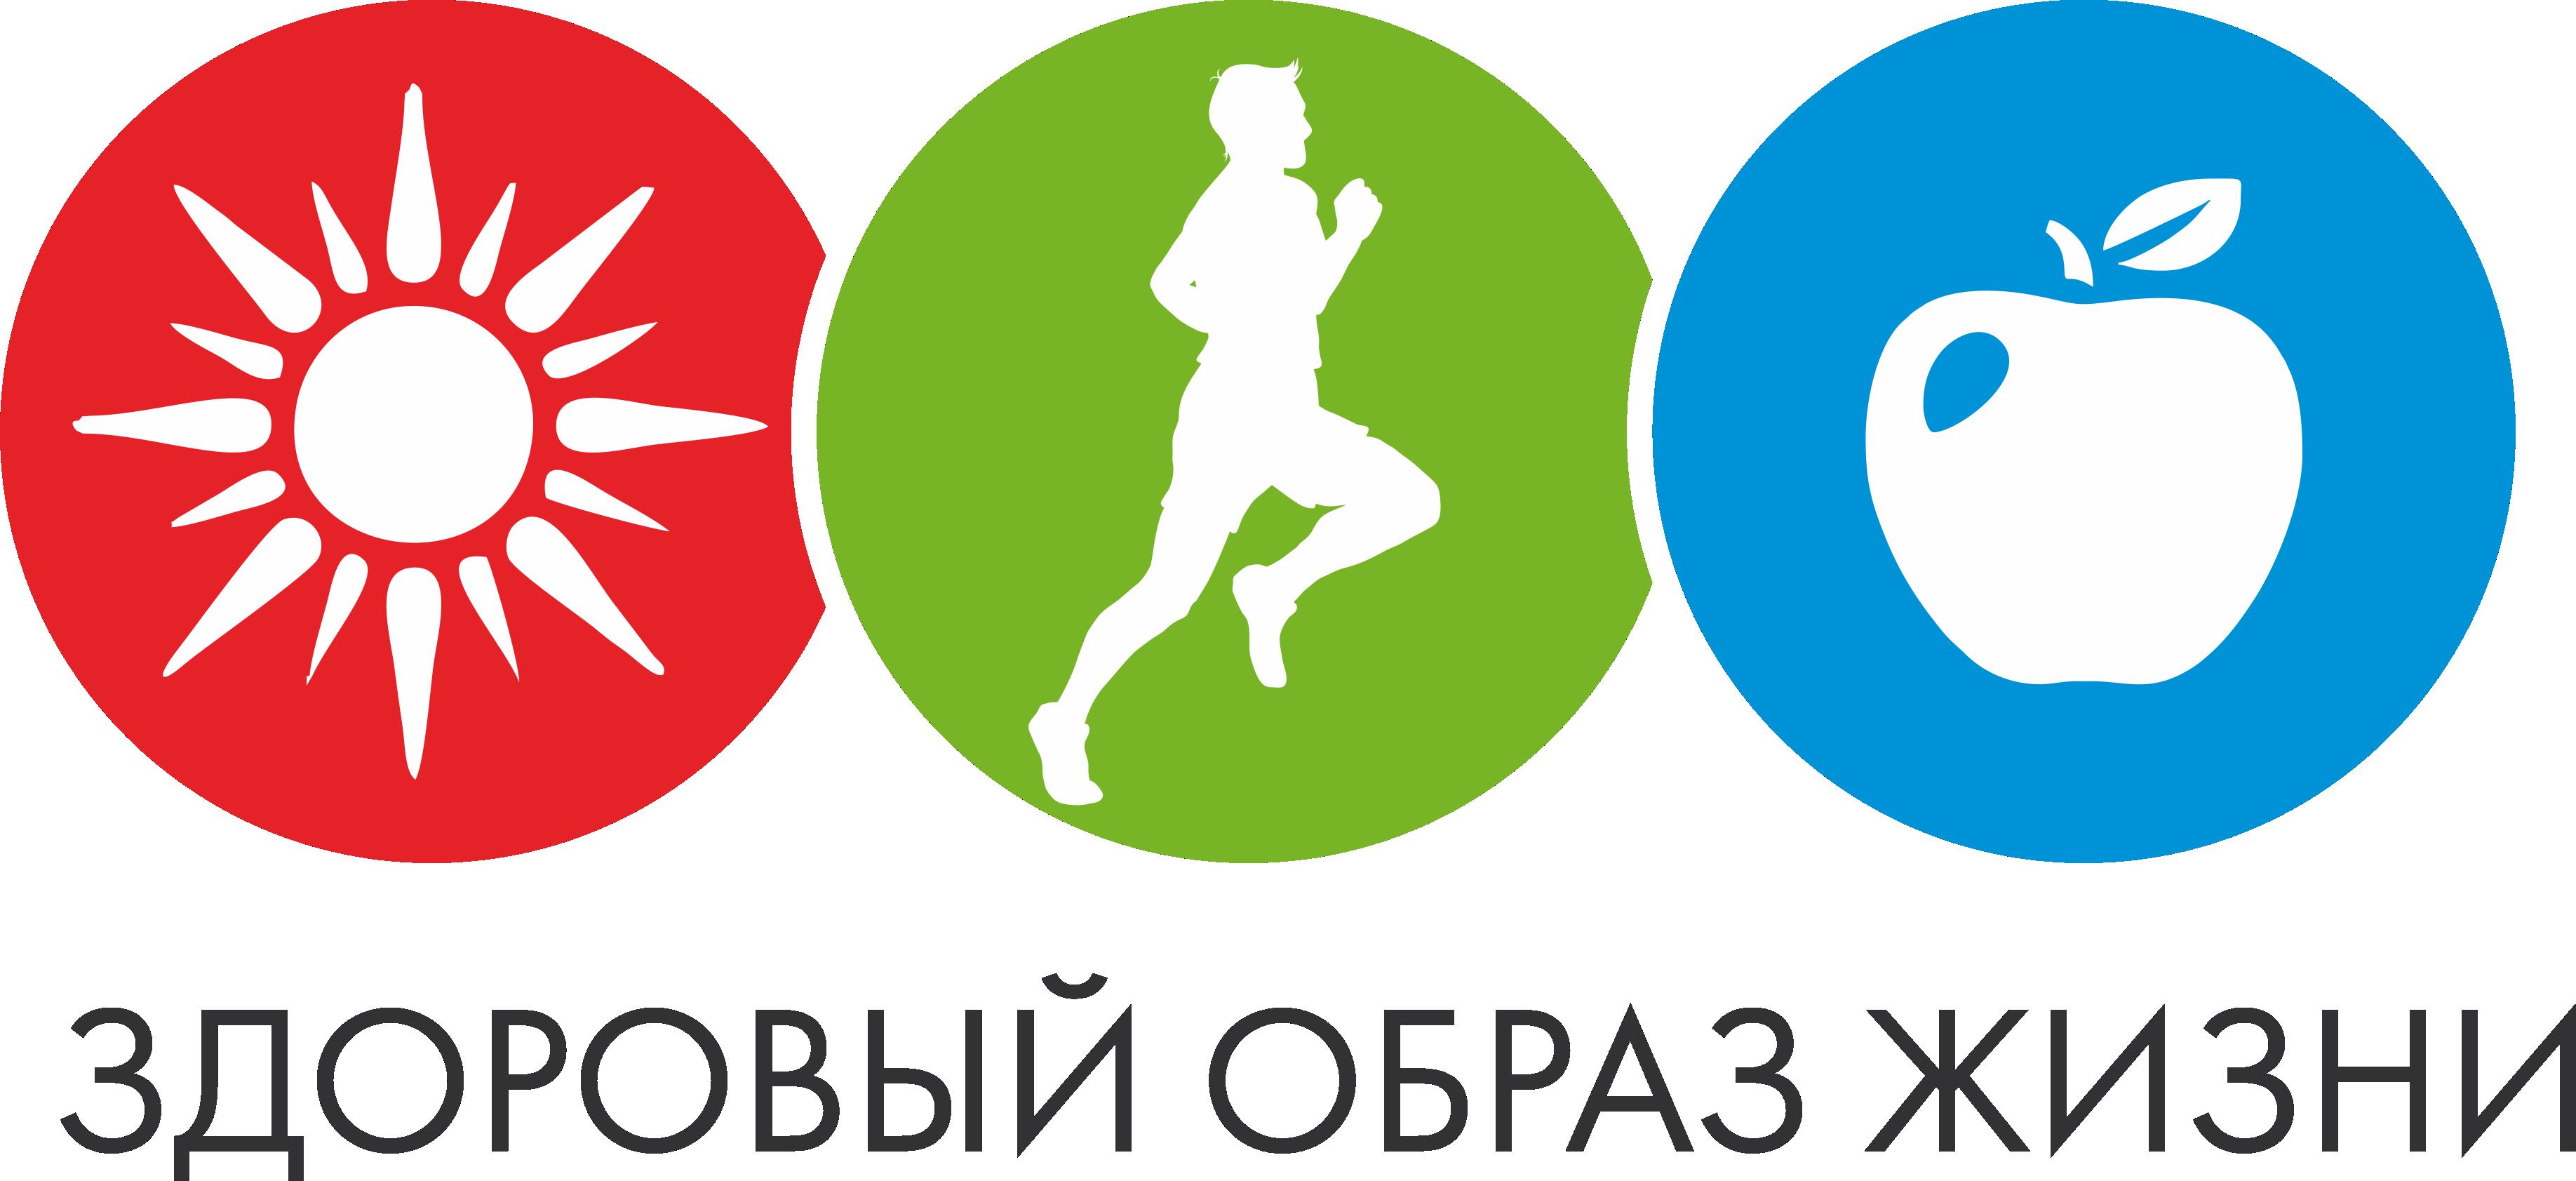 2019 год станет годом ЗОЖ в Ленинградской области